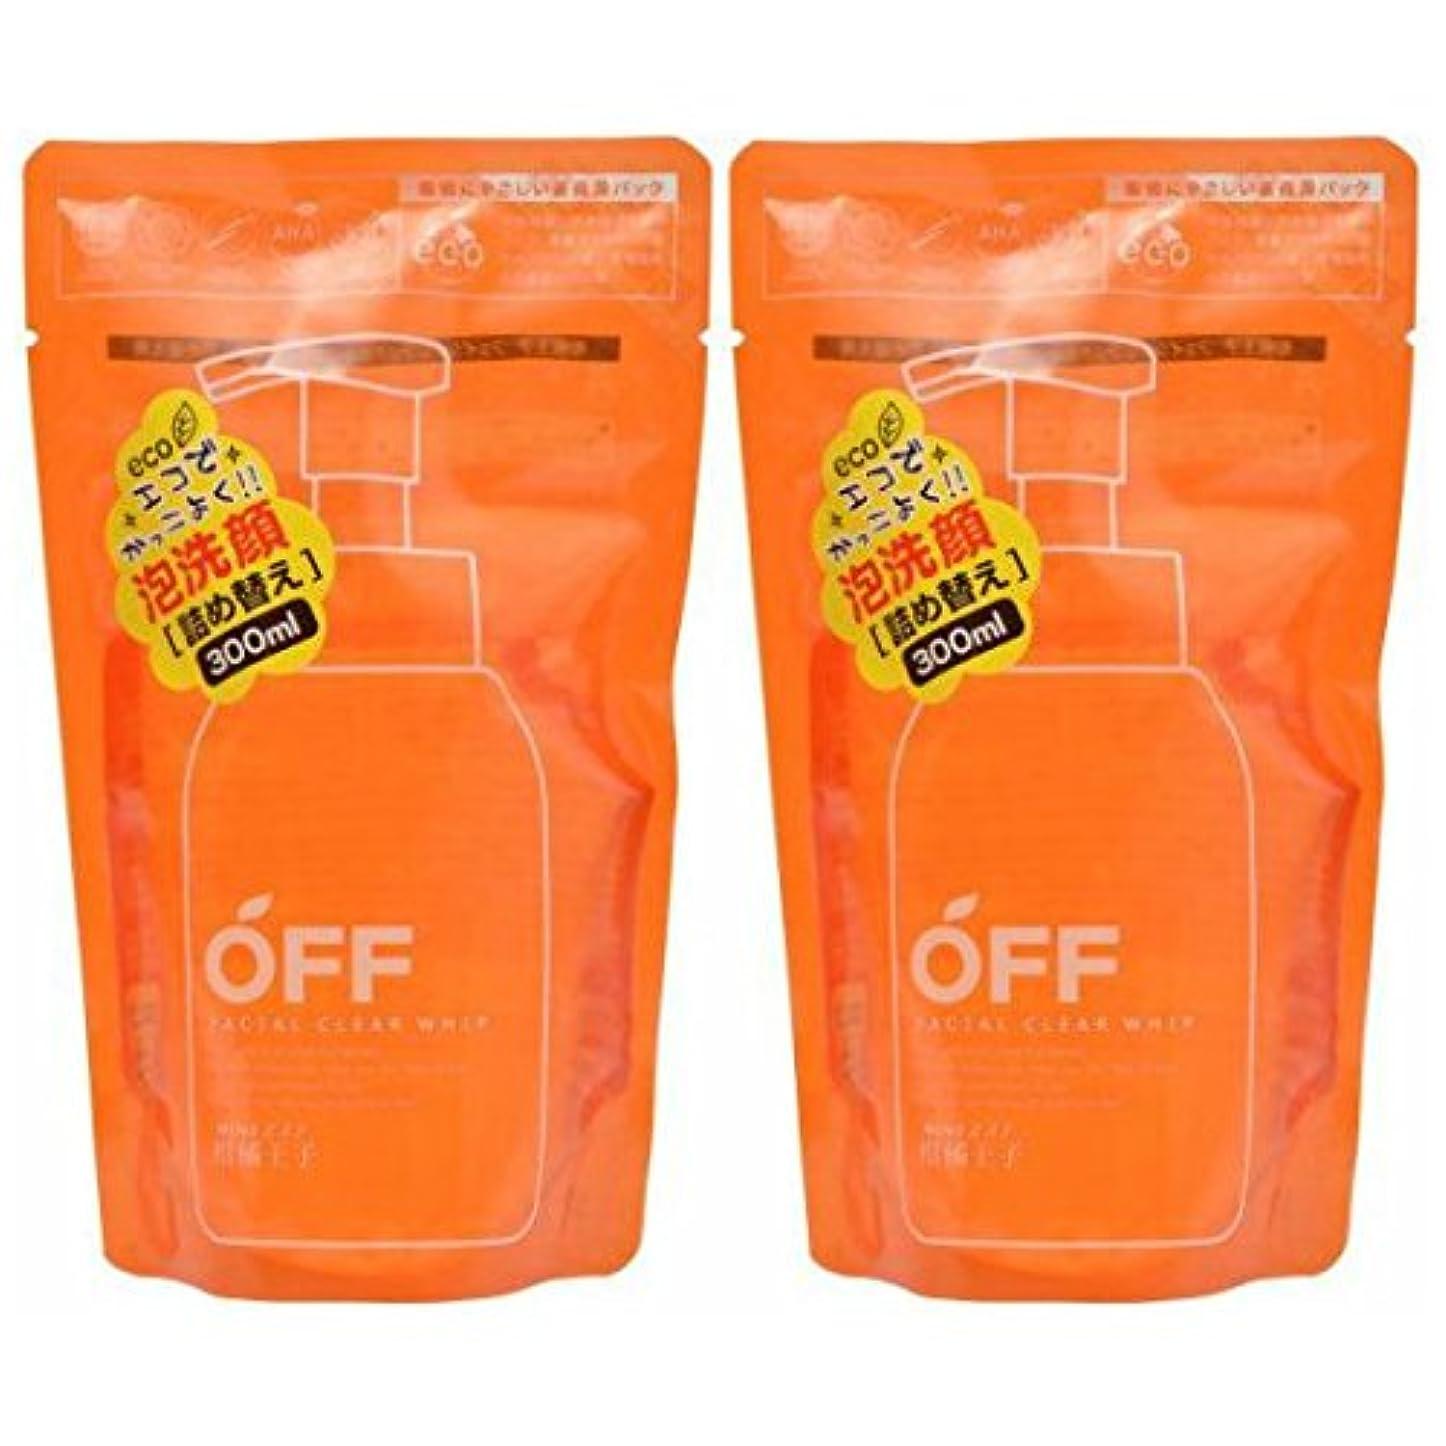 はげ決定する証明する柑橘王子 フェイシャルクリアホイップN レフィル 300ml ×2セット